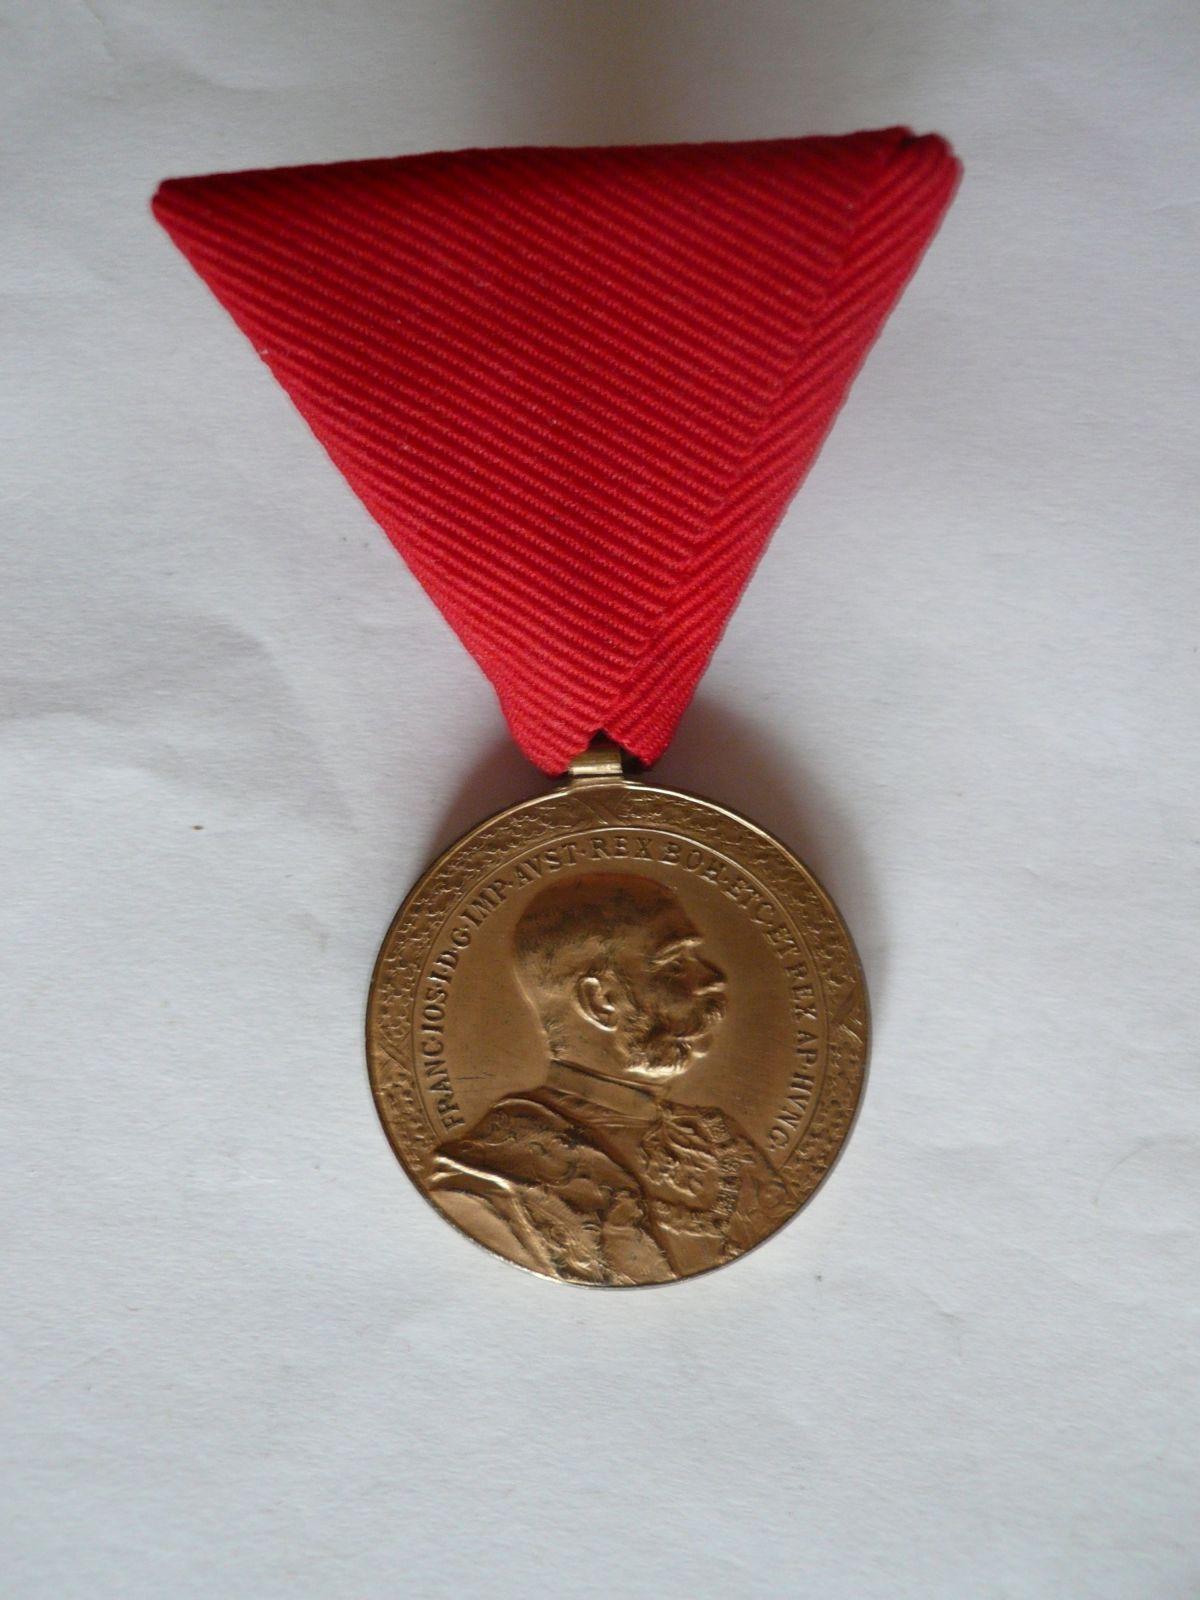 Za 40 let řádné služby, František Josef I., Rakousko